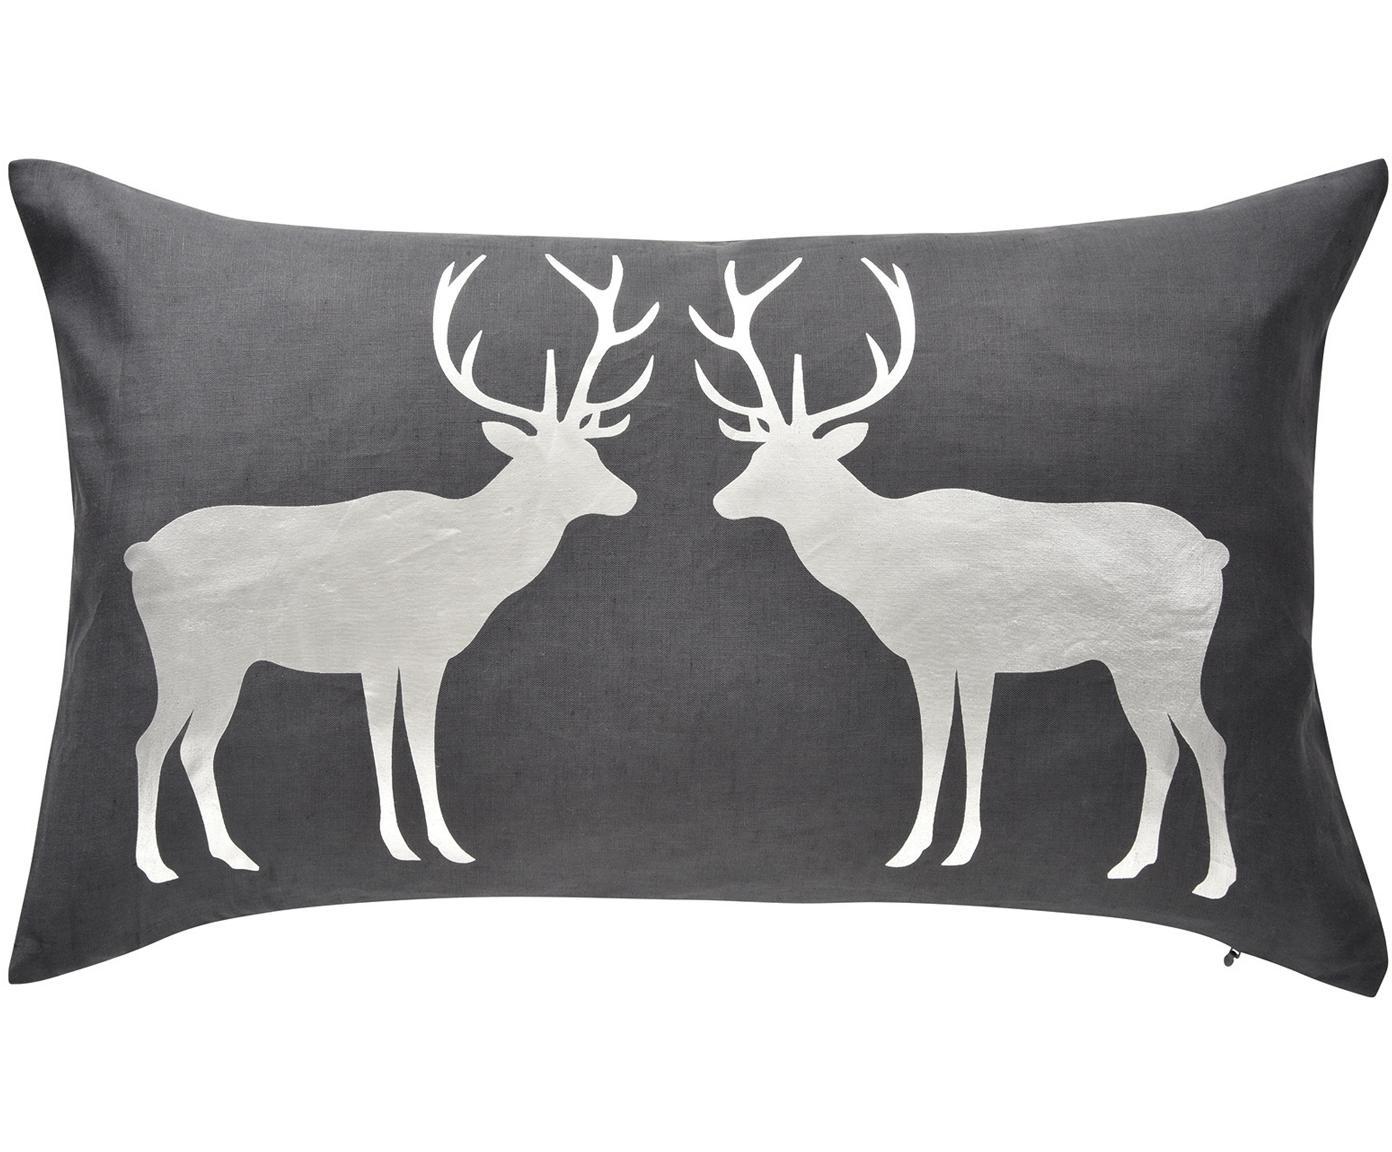 Federa con cervi Forrest, 55% lino, 45% cotone, Antracite, grigio argento, Larg. 35 x Lung. 60 cm